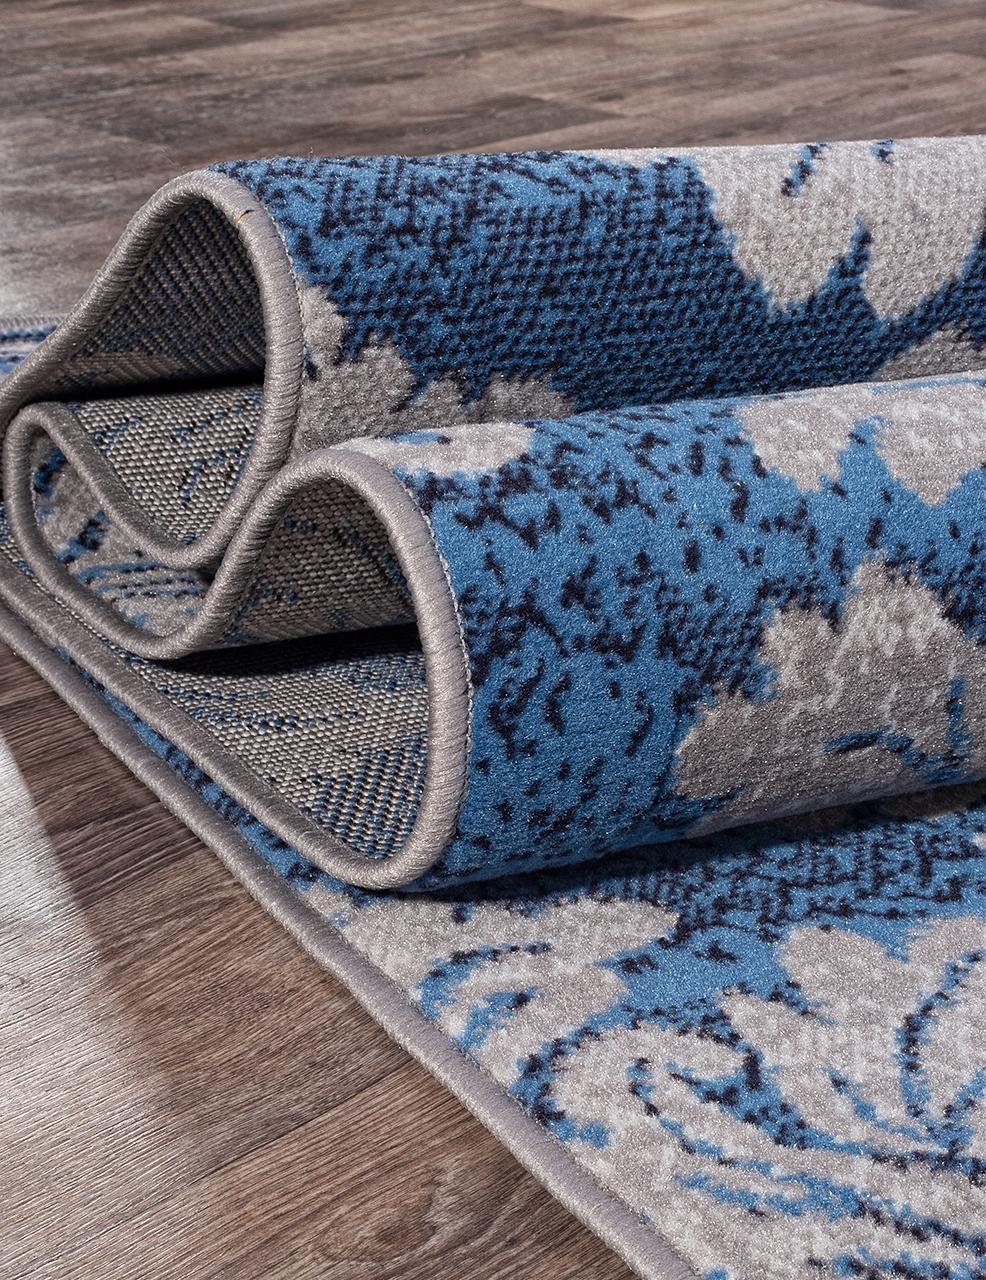 Ковер d213 - GRAY-BLUE - Прямоугольник - коллекция SILVER - фото 3